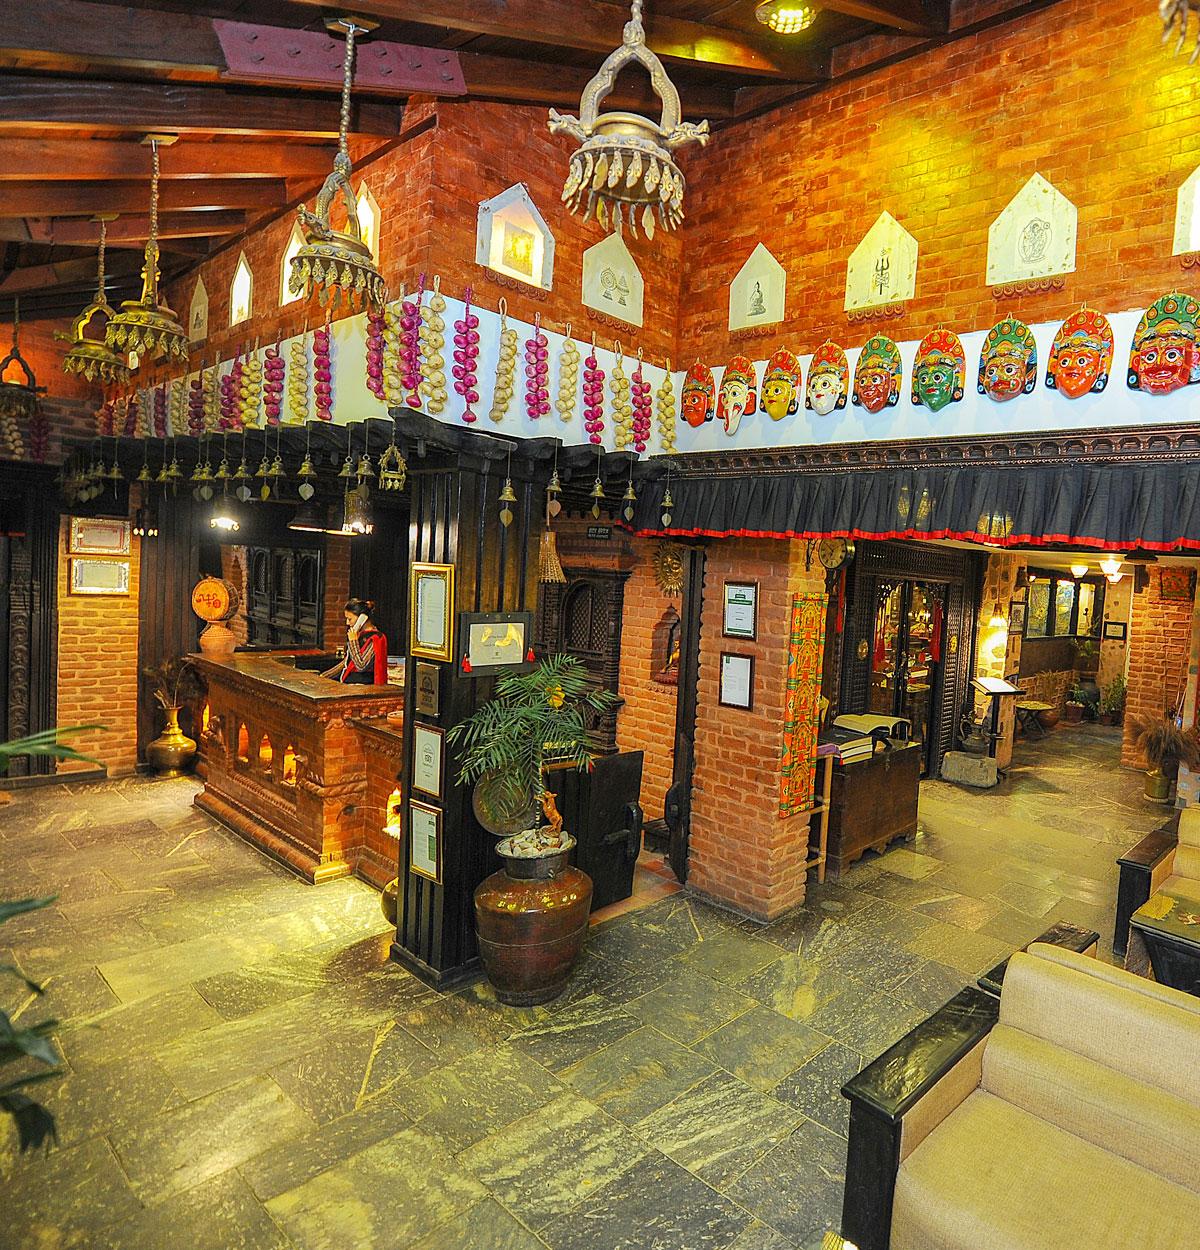 Newari-style Boutique Hotel | Hotel Heritage - Bhaktapur, Nepal